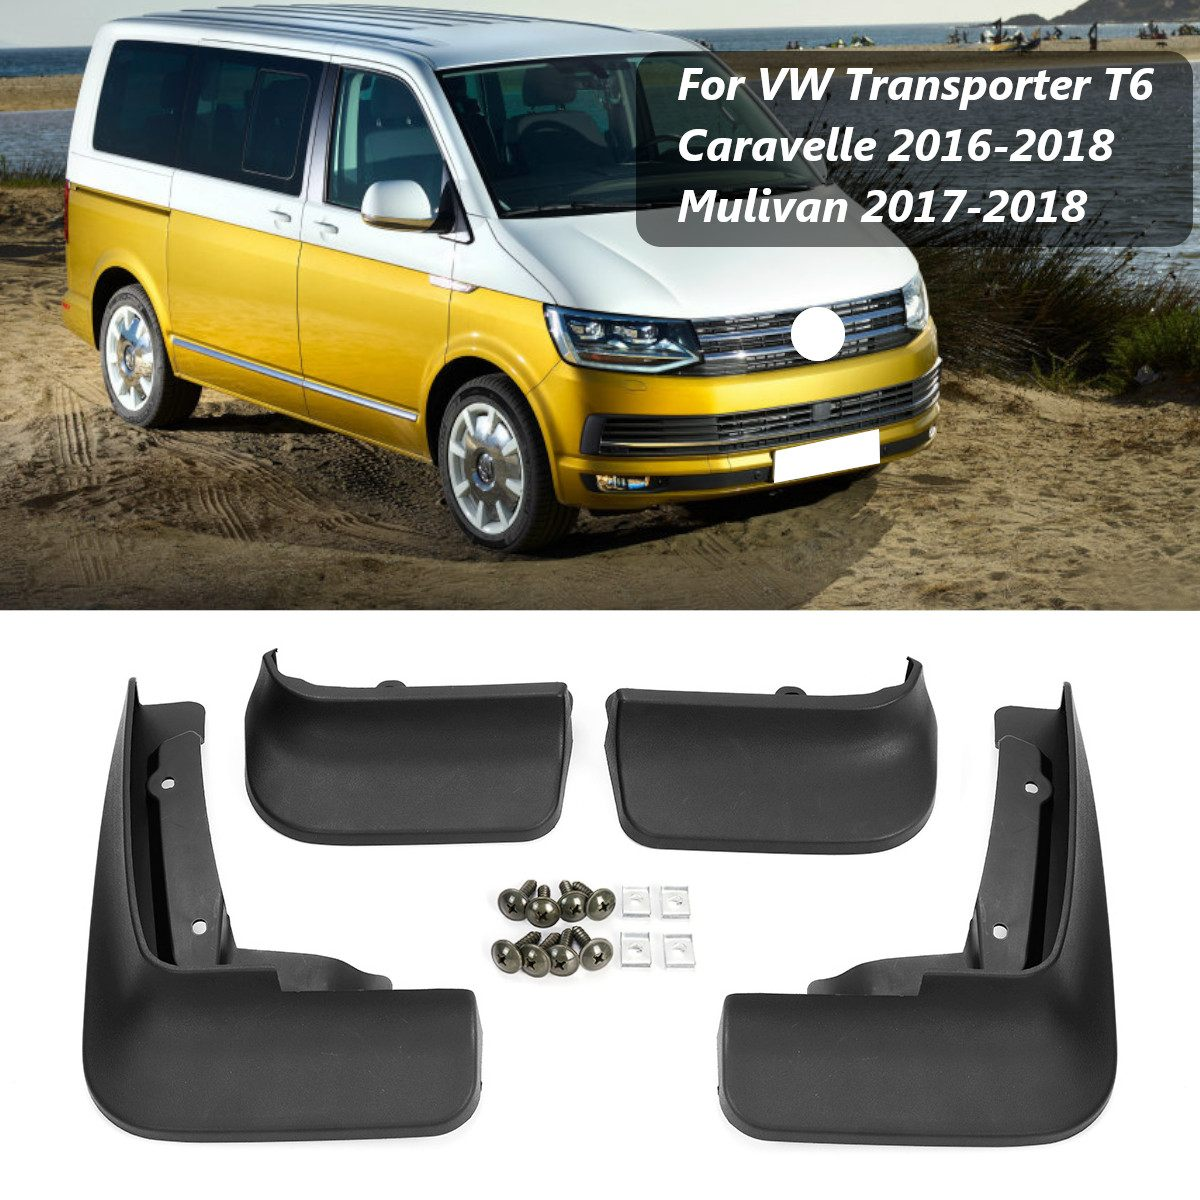 Брызговики для VW Transporter T6 Caravelle Multivan 2004-2019, брызговики